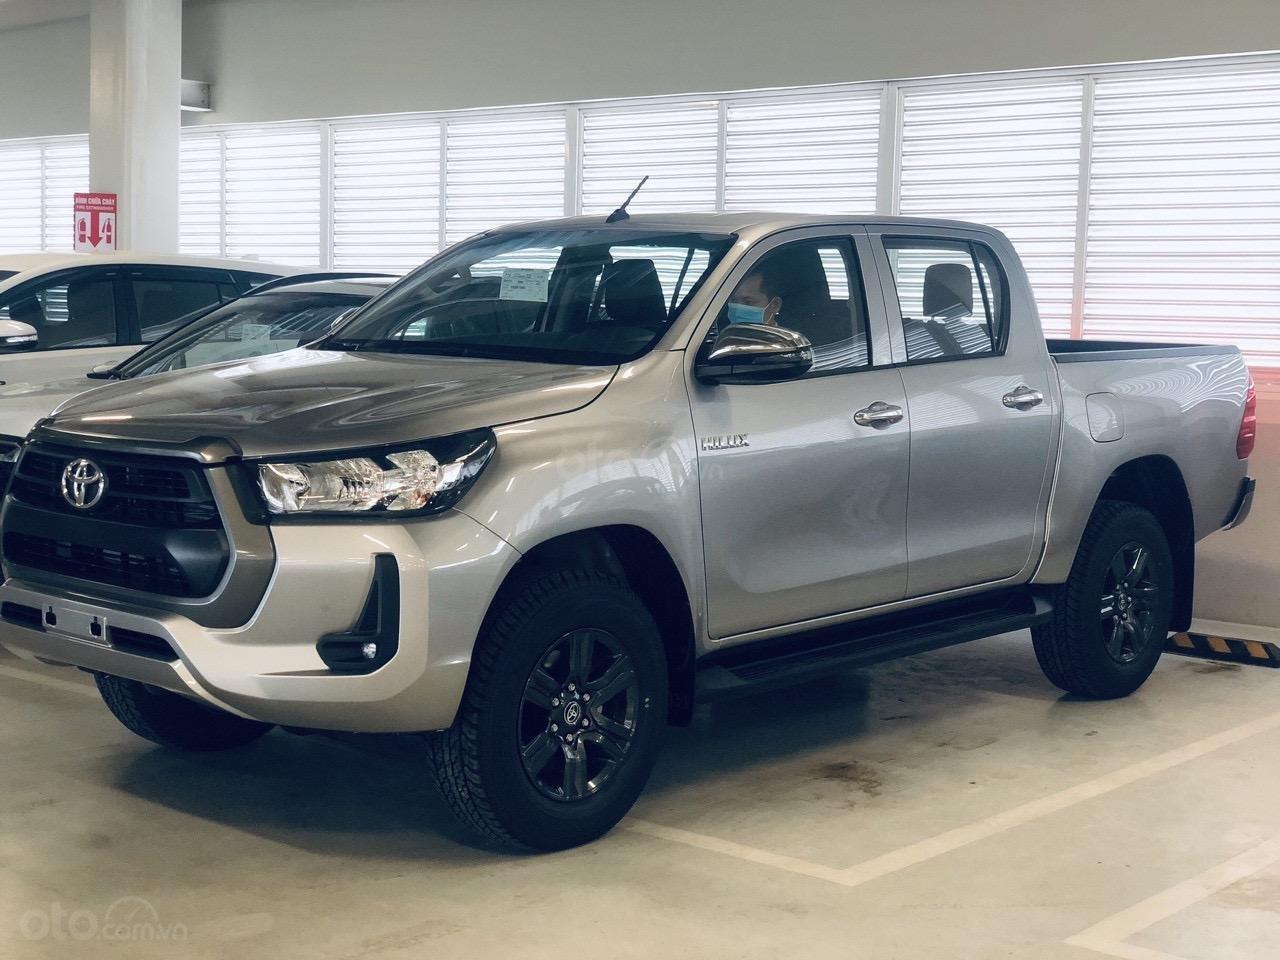 Toyota Tân Cảng bán Toyota Hilux 2.4E AT 2021 nhập khẩu, nhiều ưu đãi, xe giao ngay, trả góp lãi suất 0.3% (2)